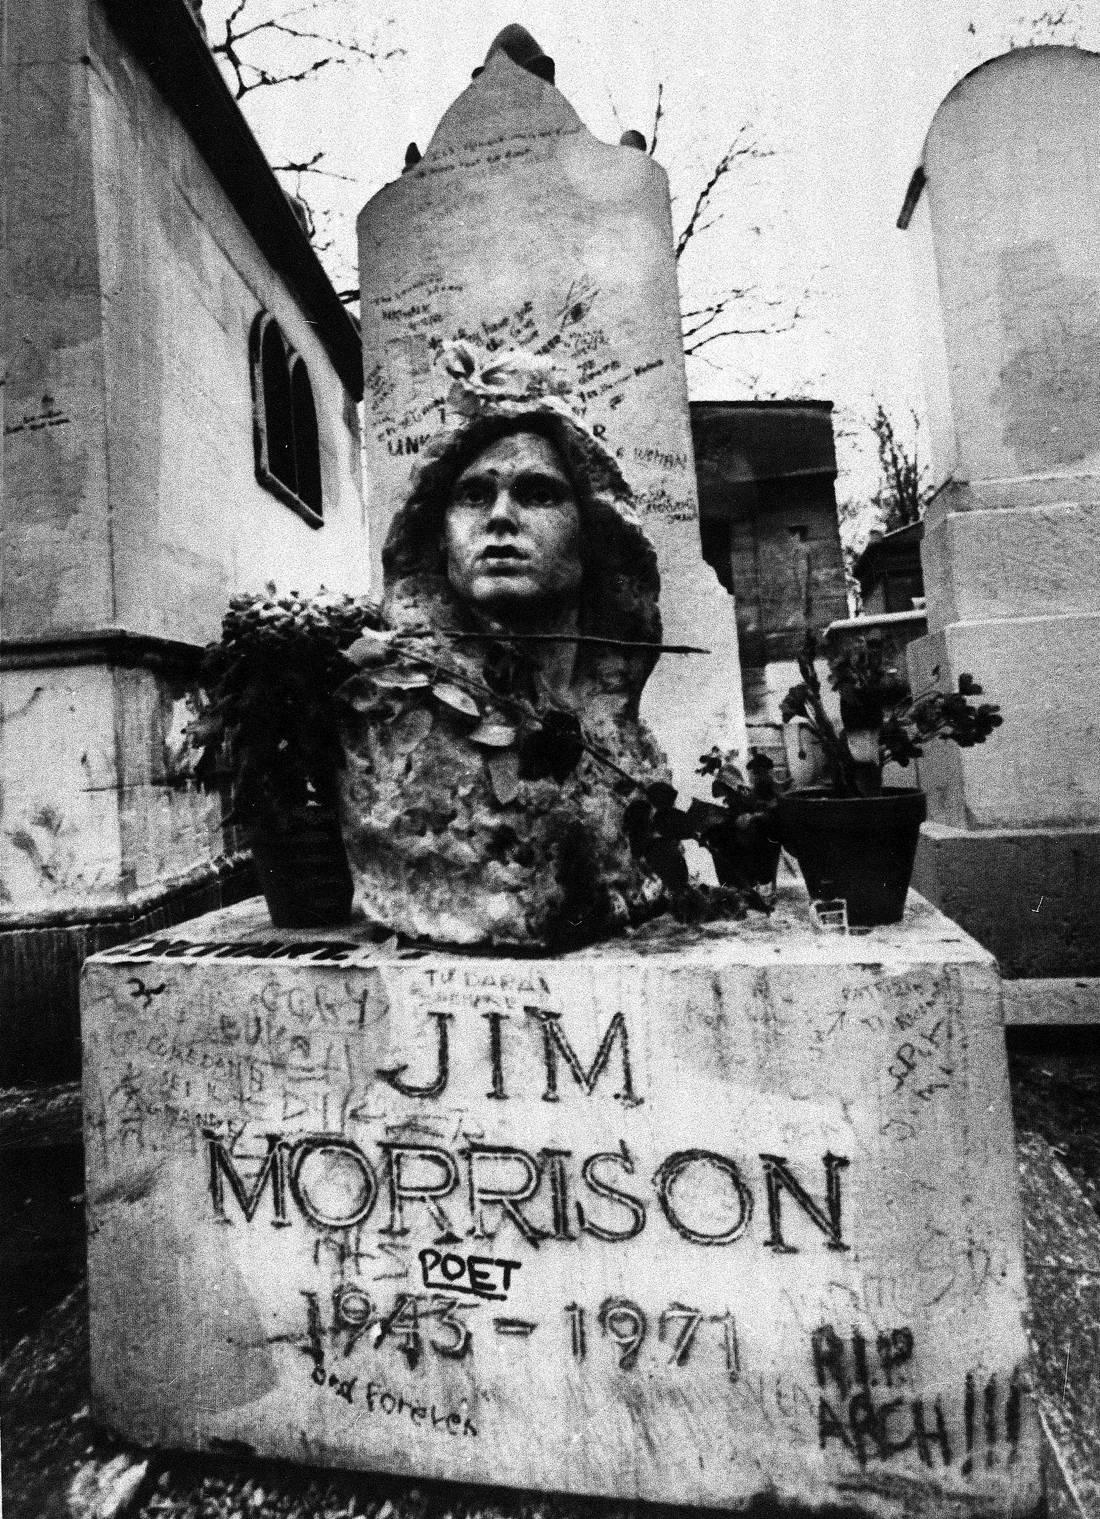 Ποιος και γιατί έβαλε μια ελληνική επιγραφή στον τάφο του Τζιμ Μόρισον